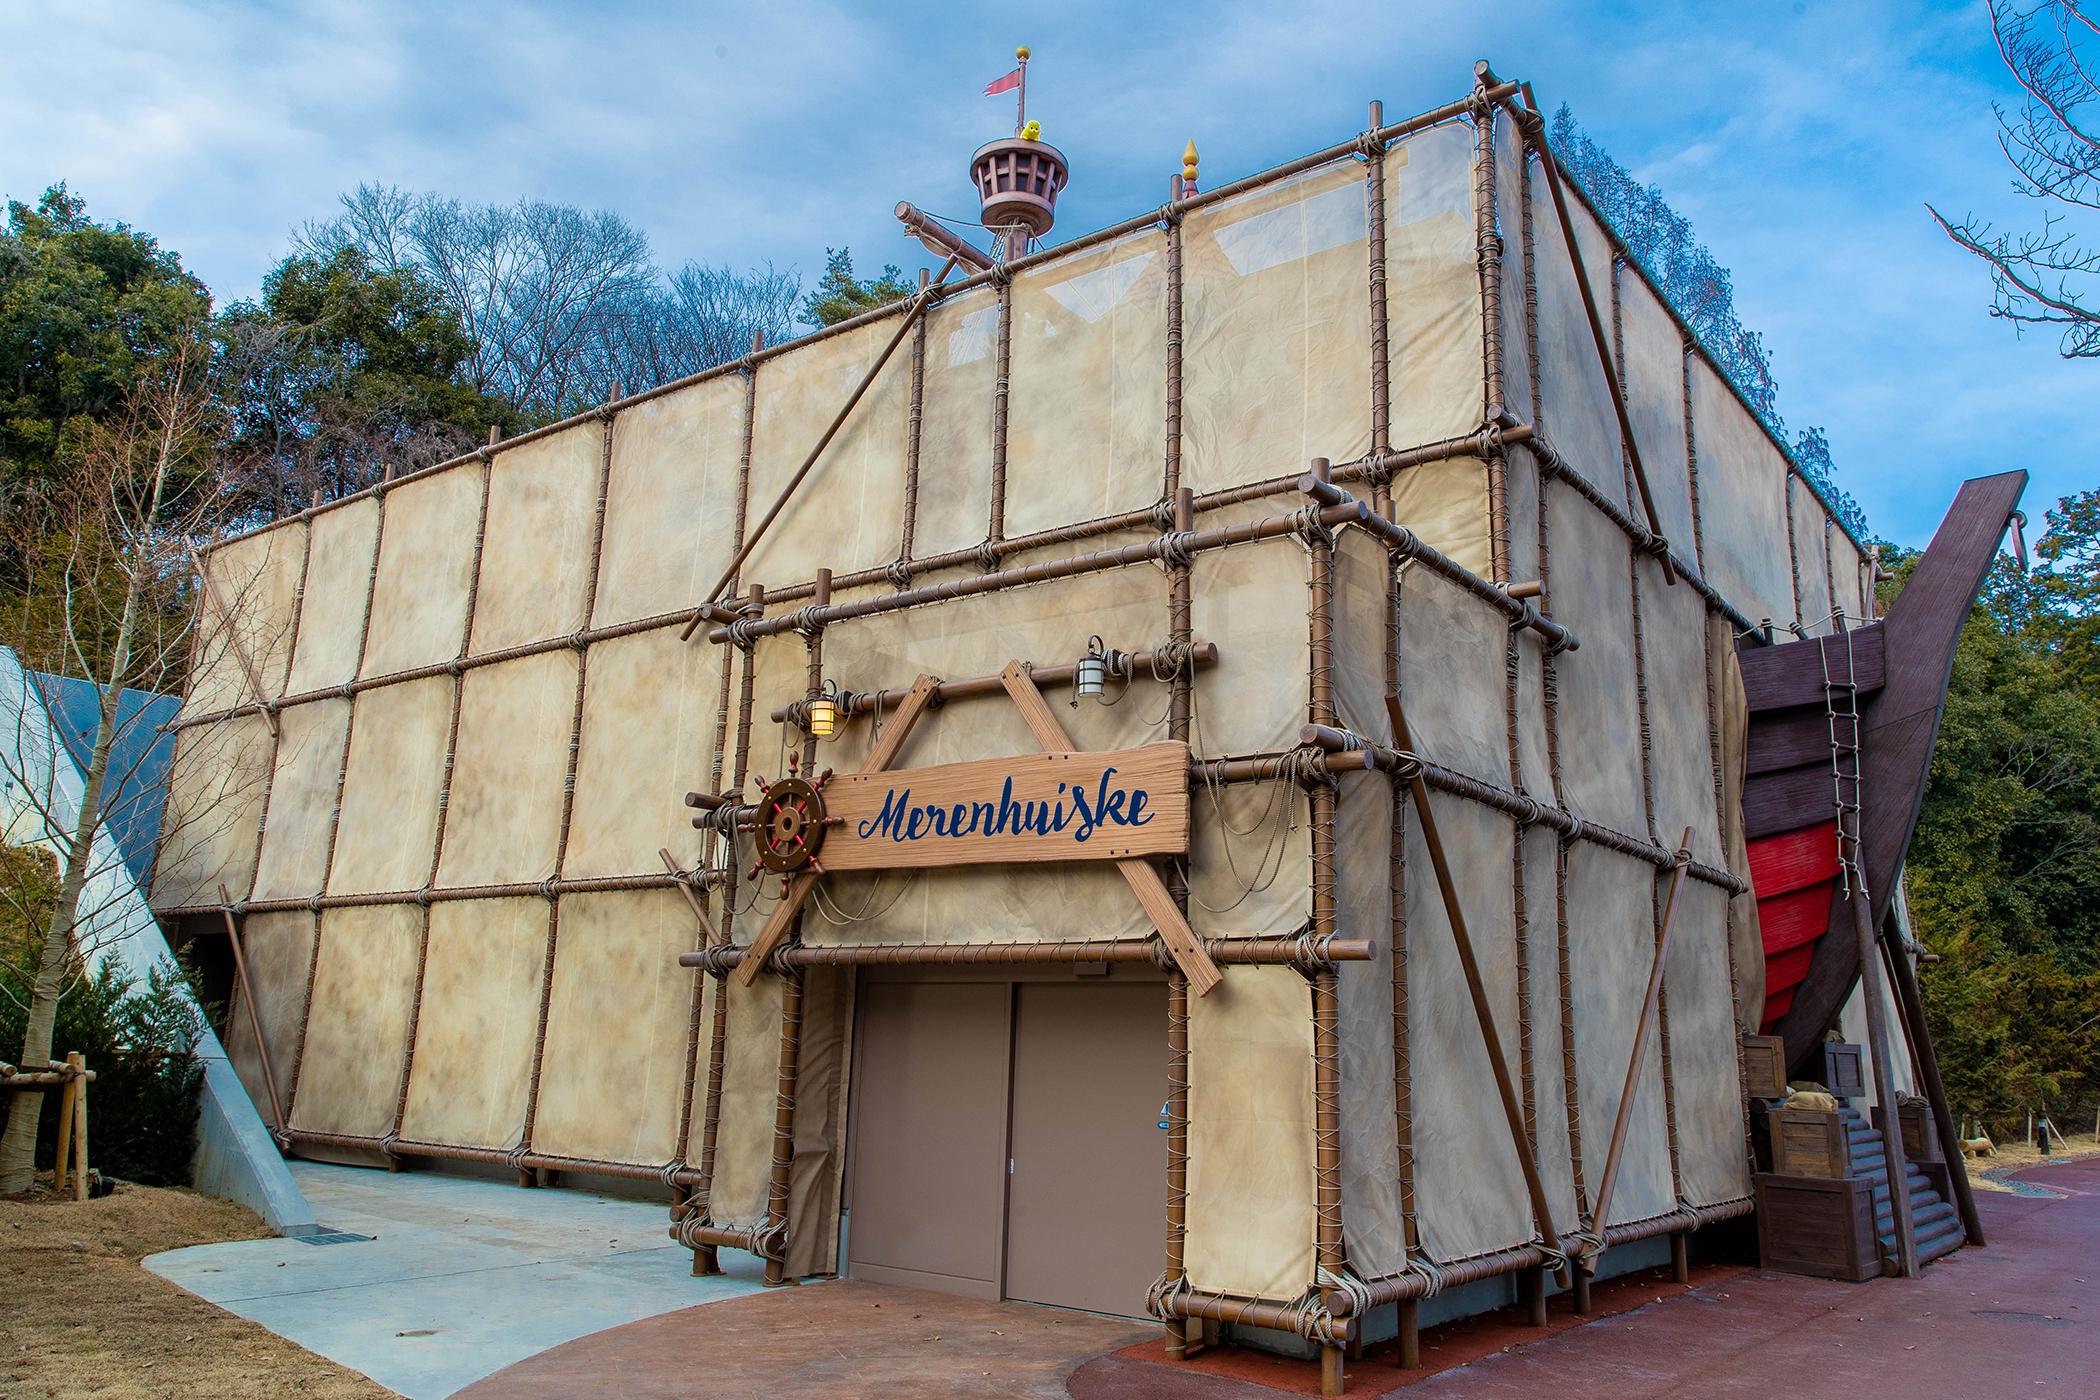 「ムーミンバレーパーク メレンフイスケ」の画像検索結果